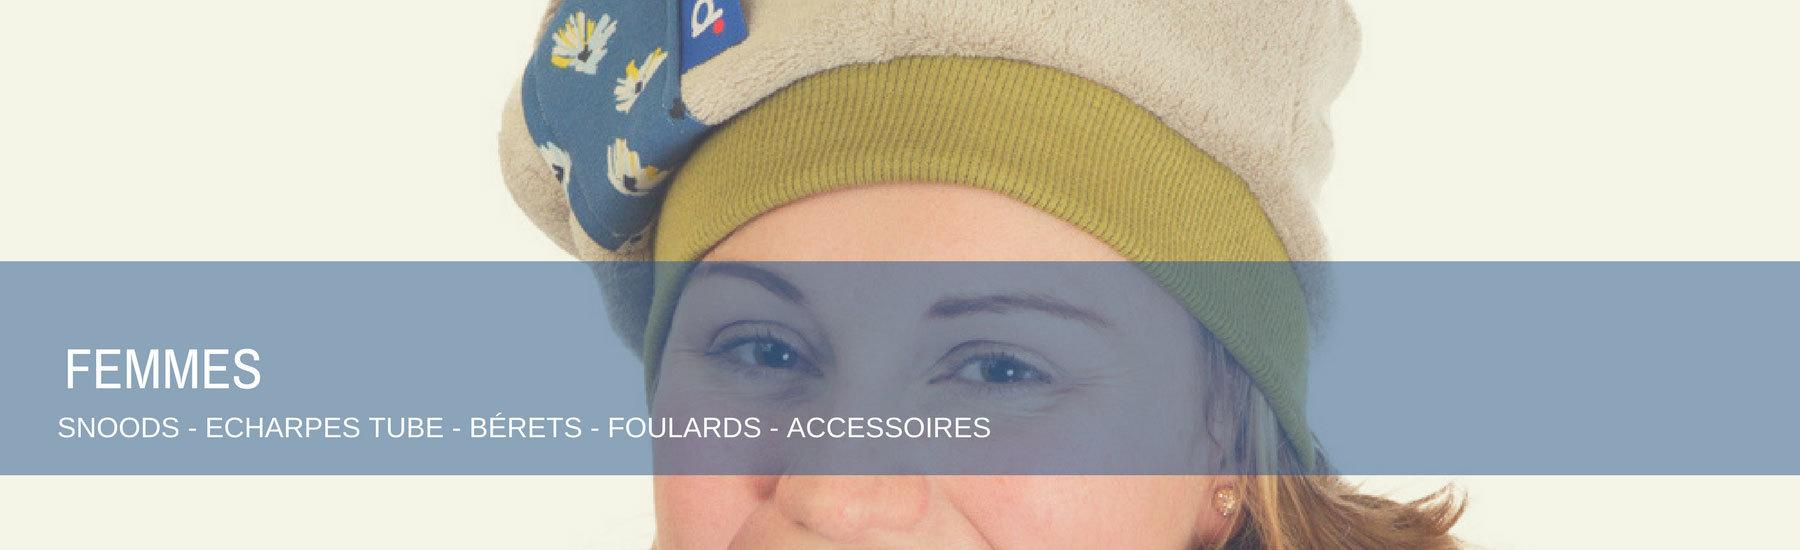 snoods écharpes tube foulards tube béret femme reddepois